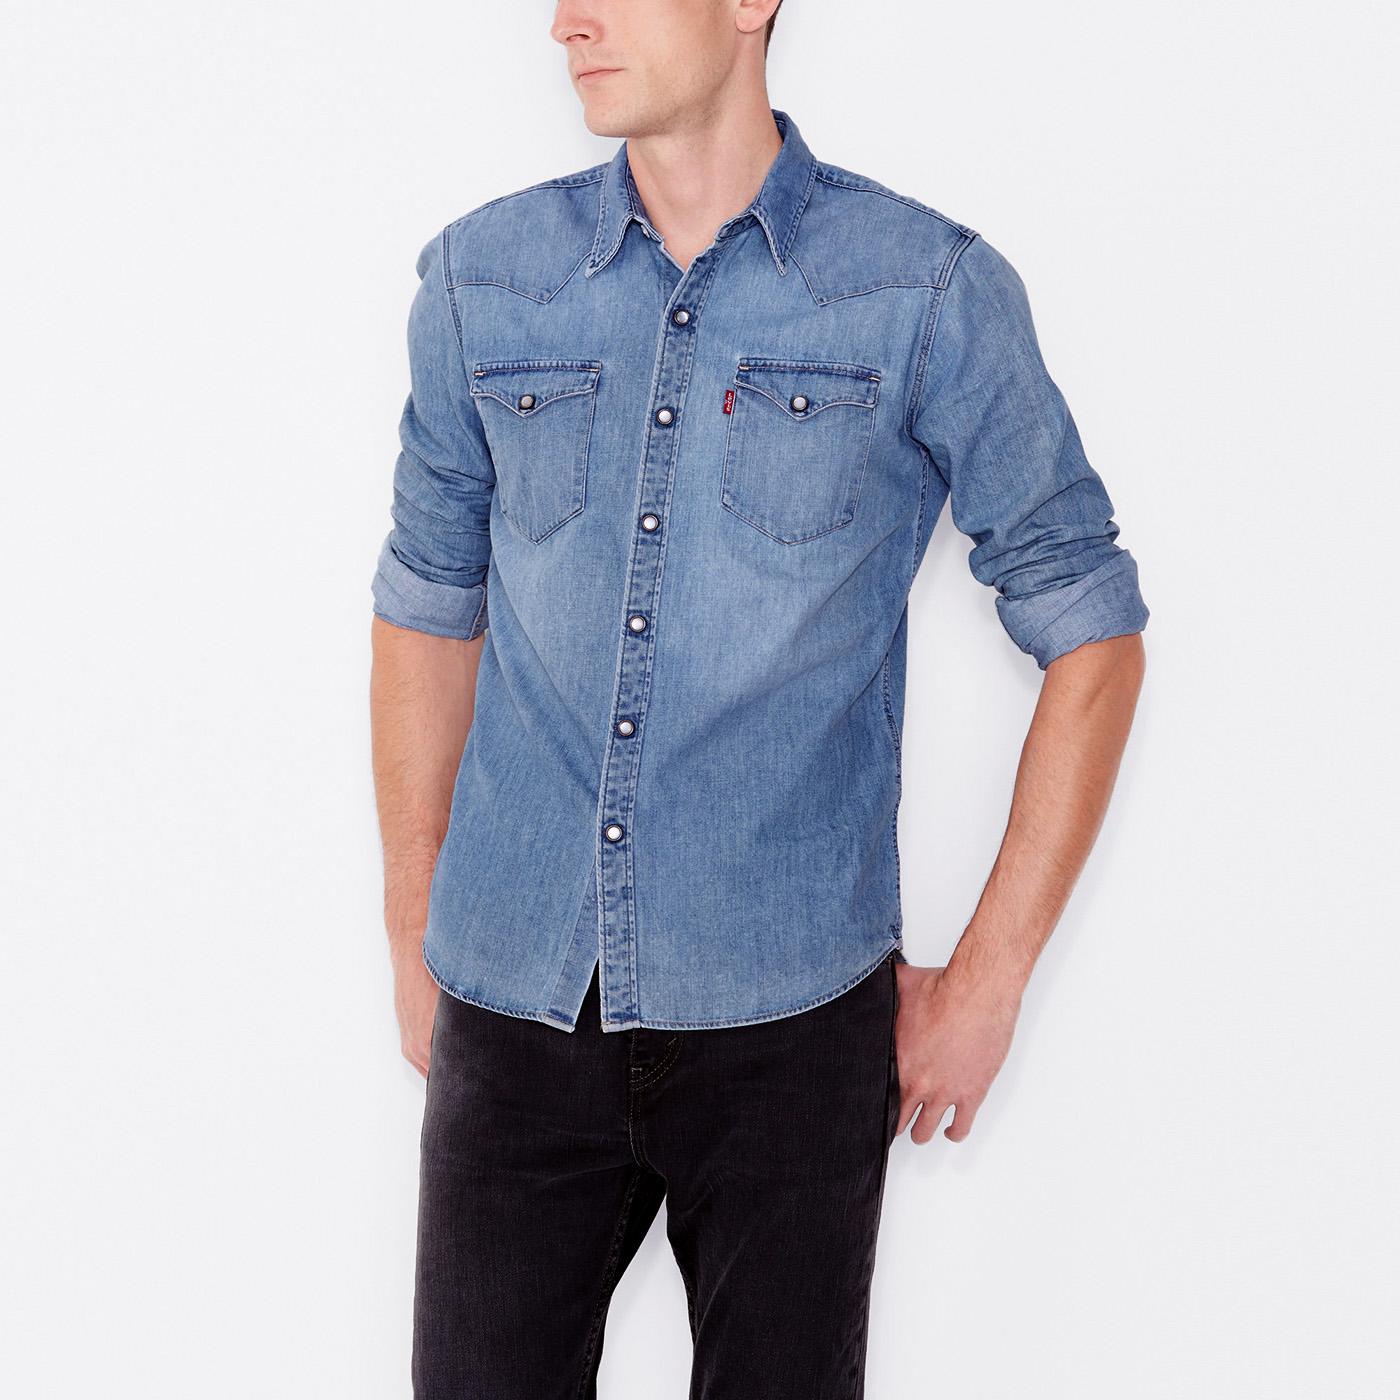 美國百分百【全新真品】Levis 襯衫 長袖 牛仔 單寧 上衣 經典 珠扣 口袋 高磅數 S M L XL號 F491